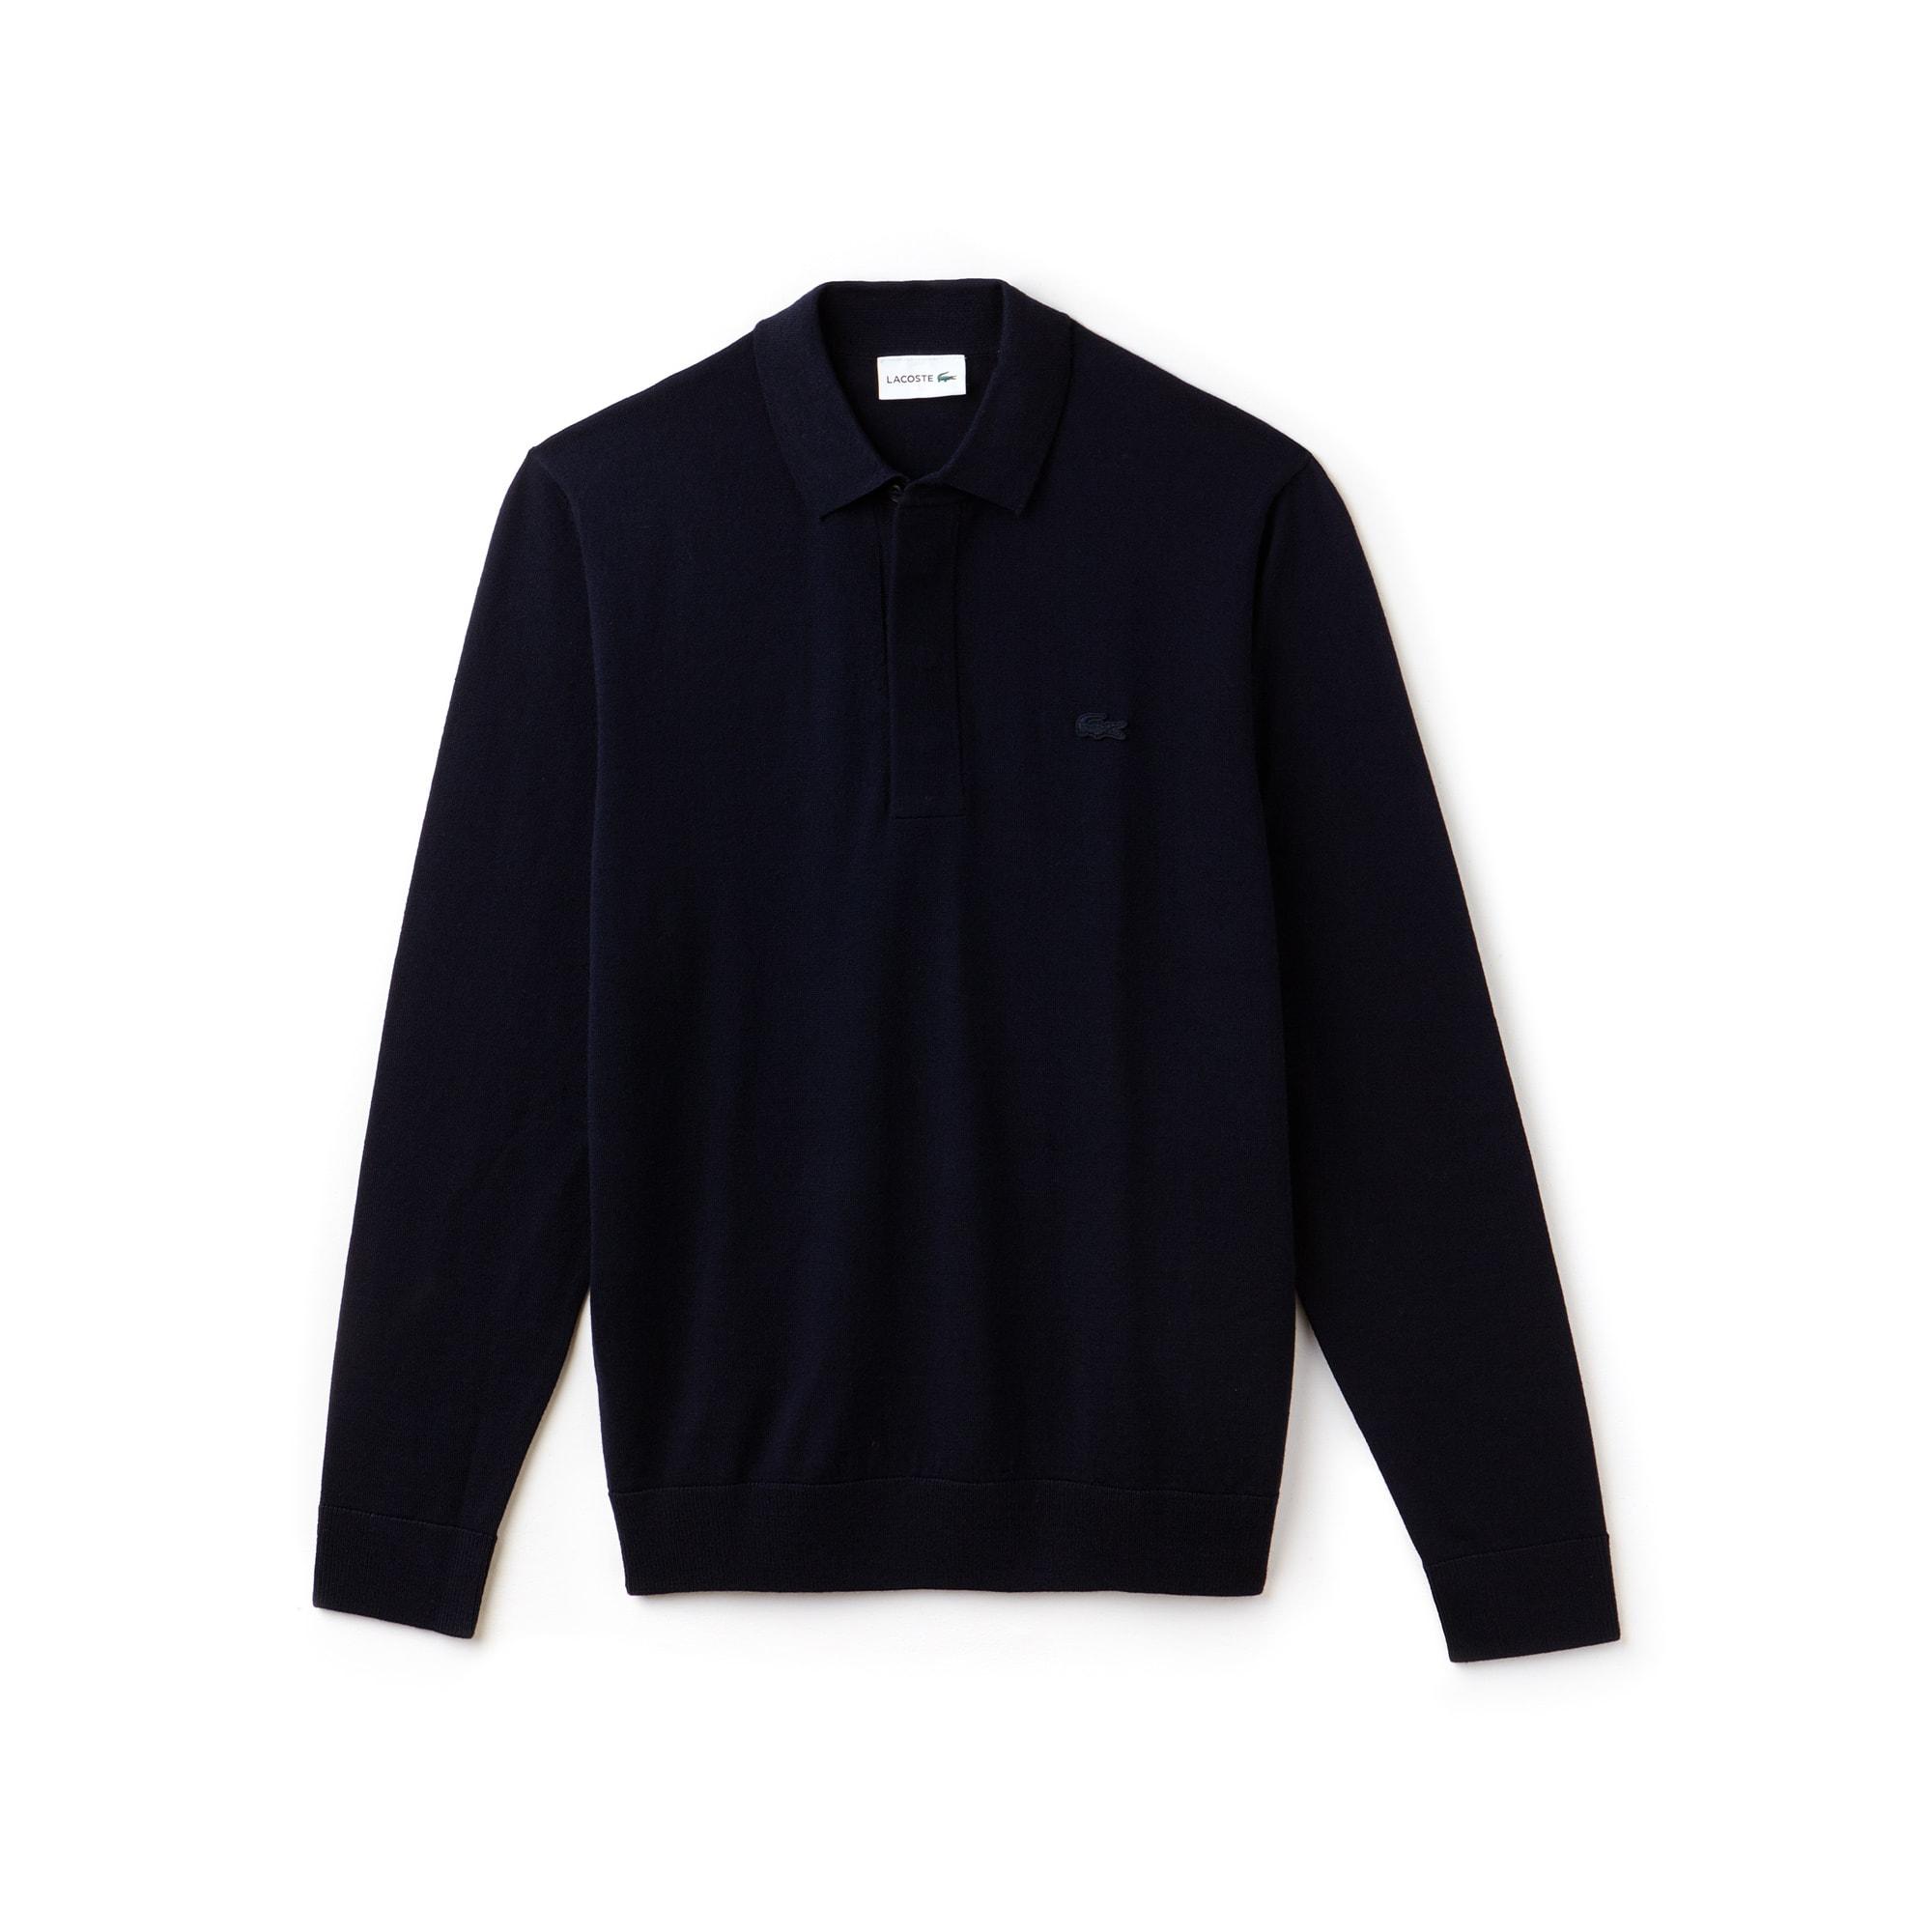 Pull à manches longues en jersey de laine uni